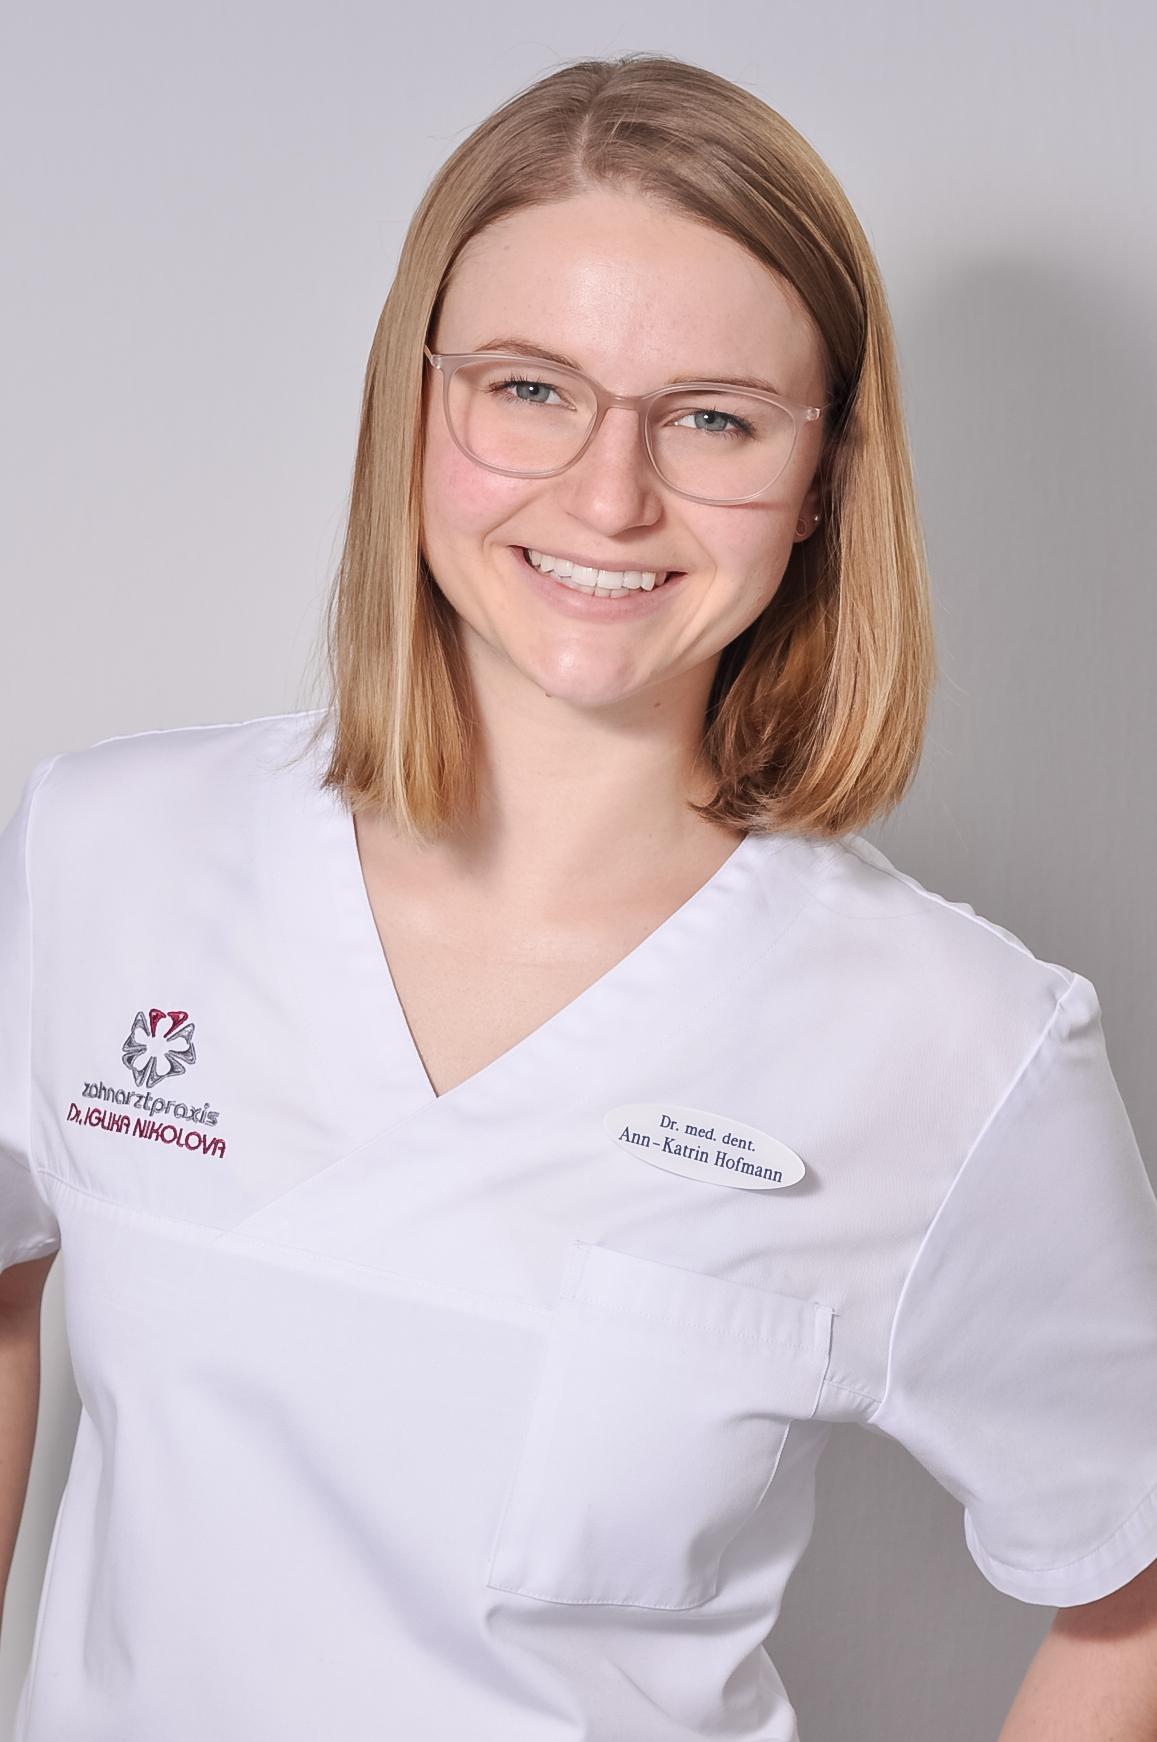 Dr. Ann-Katrin Hofmann